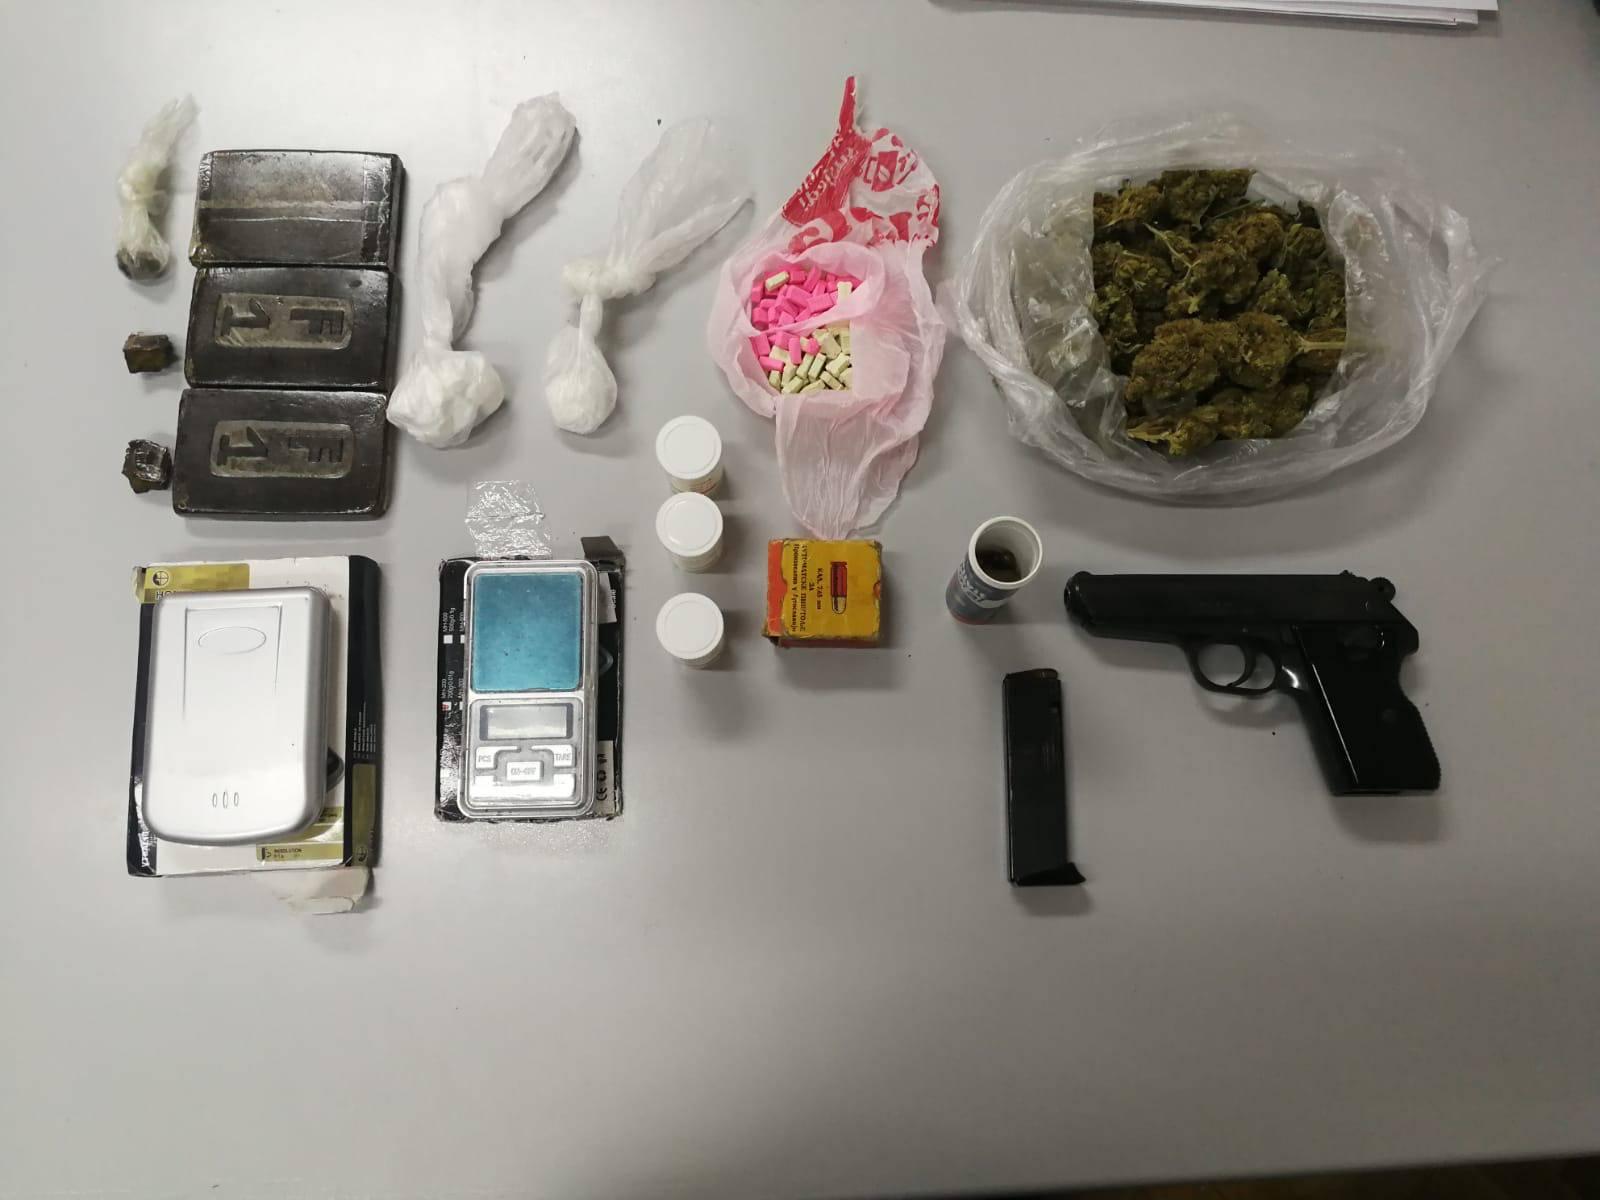 Našli hašiš, kokain, marihuanu